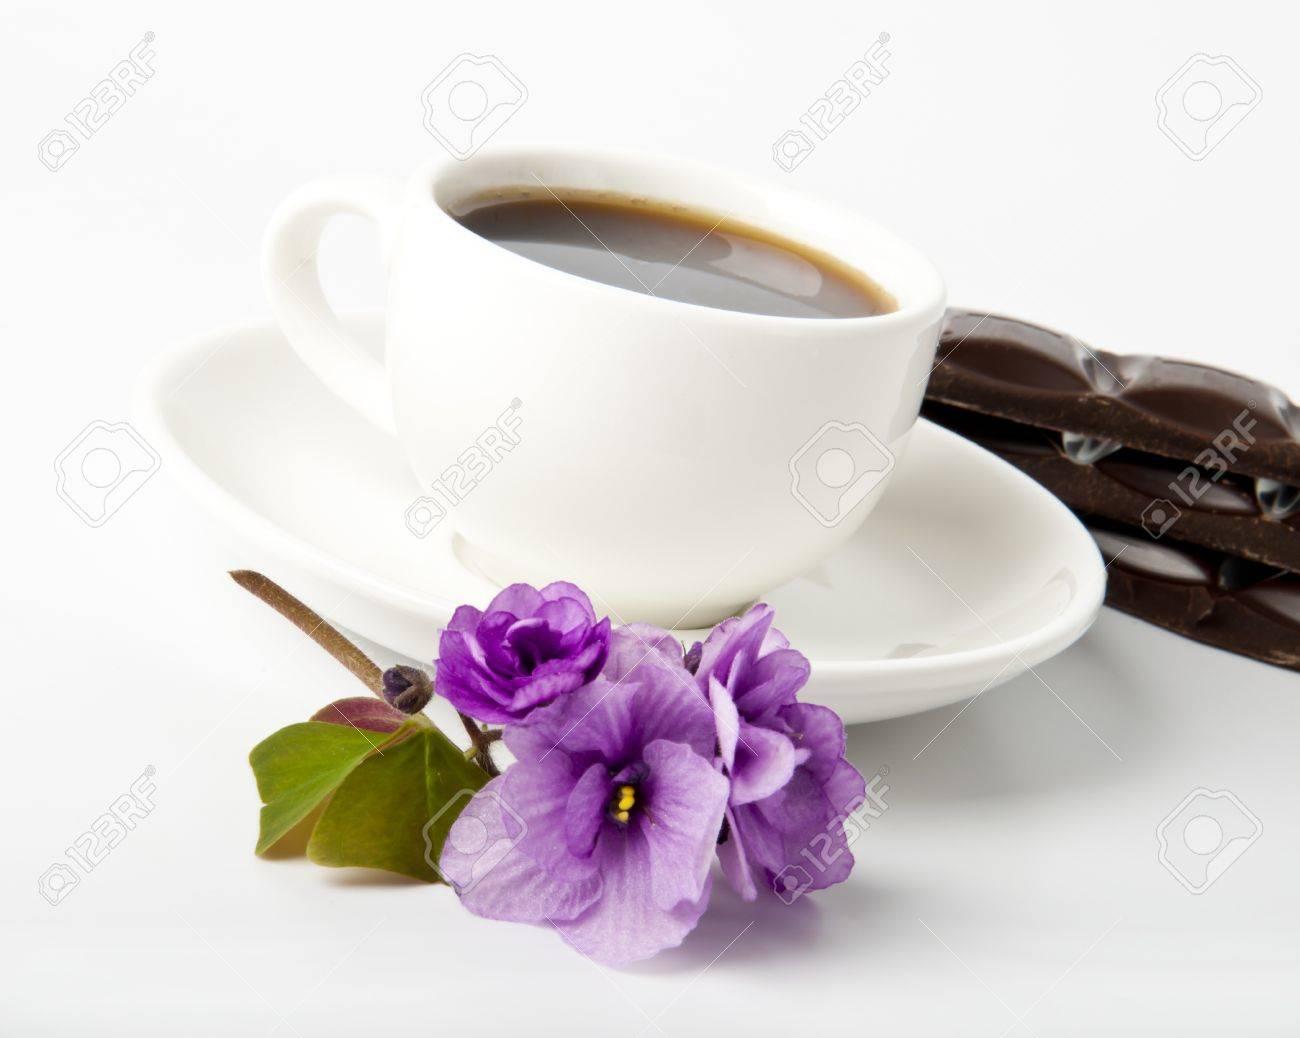 Risultati immagini per caffè e violette